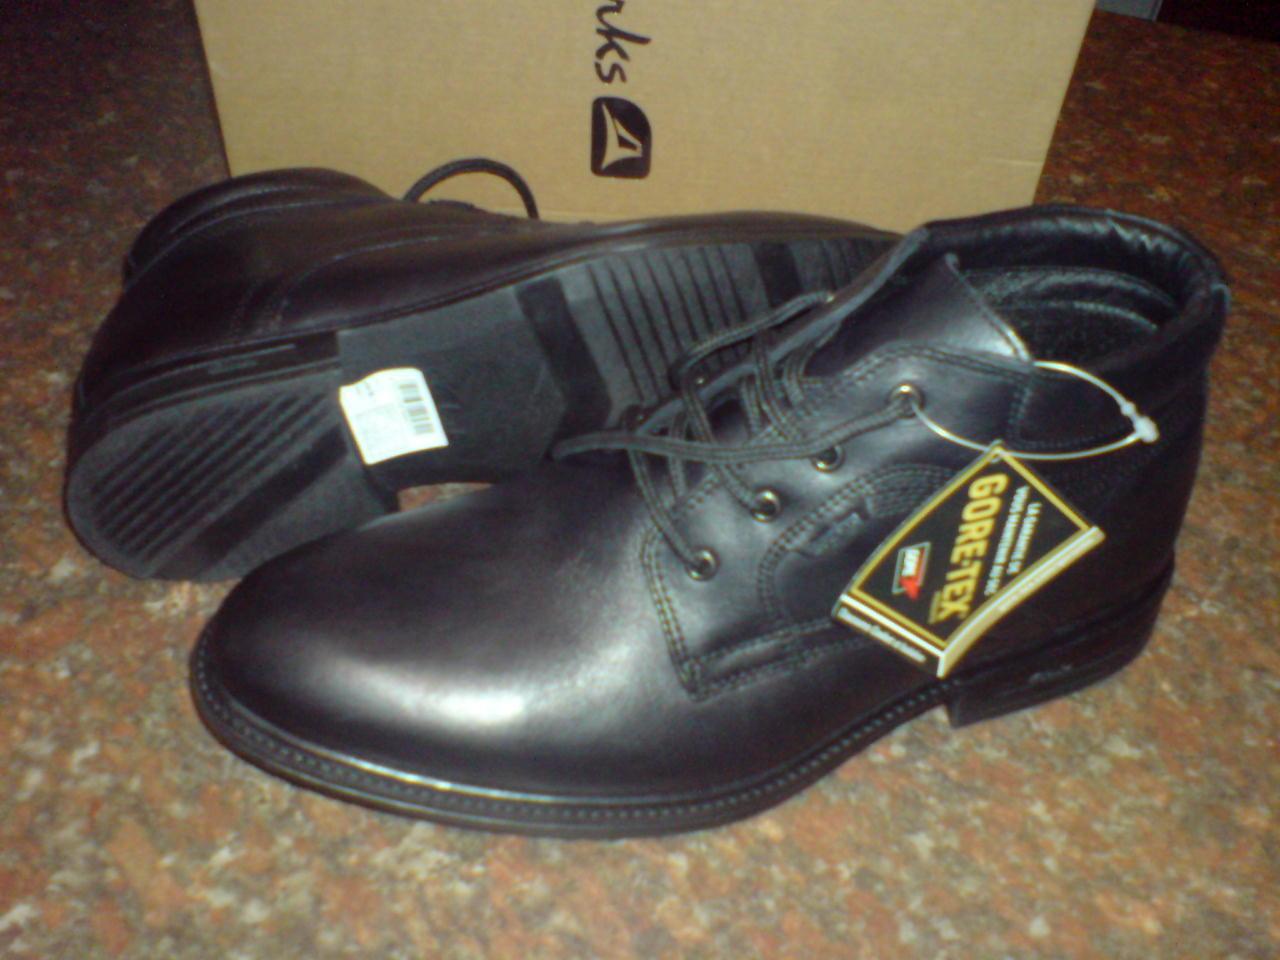 CLARKS NUEVOS Hombre otoño Botas RESISTENTE GTX Cálido lining&sock Botas otoño Cuero Negro a72bf8